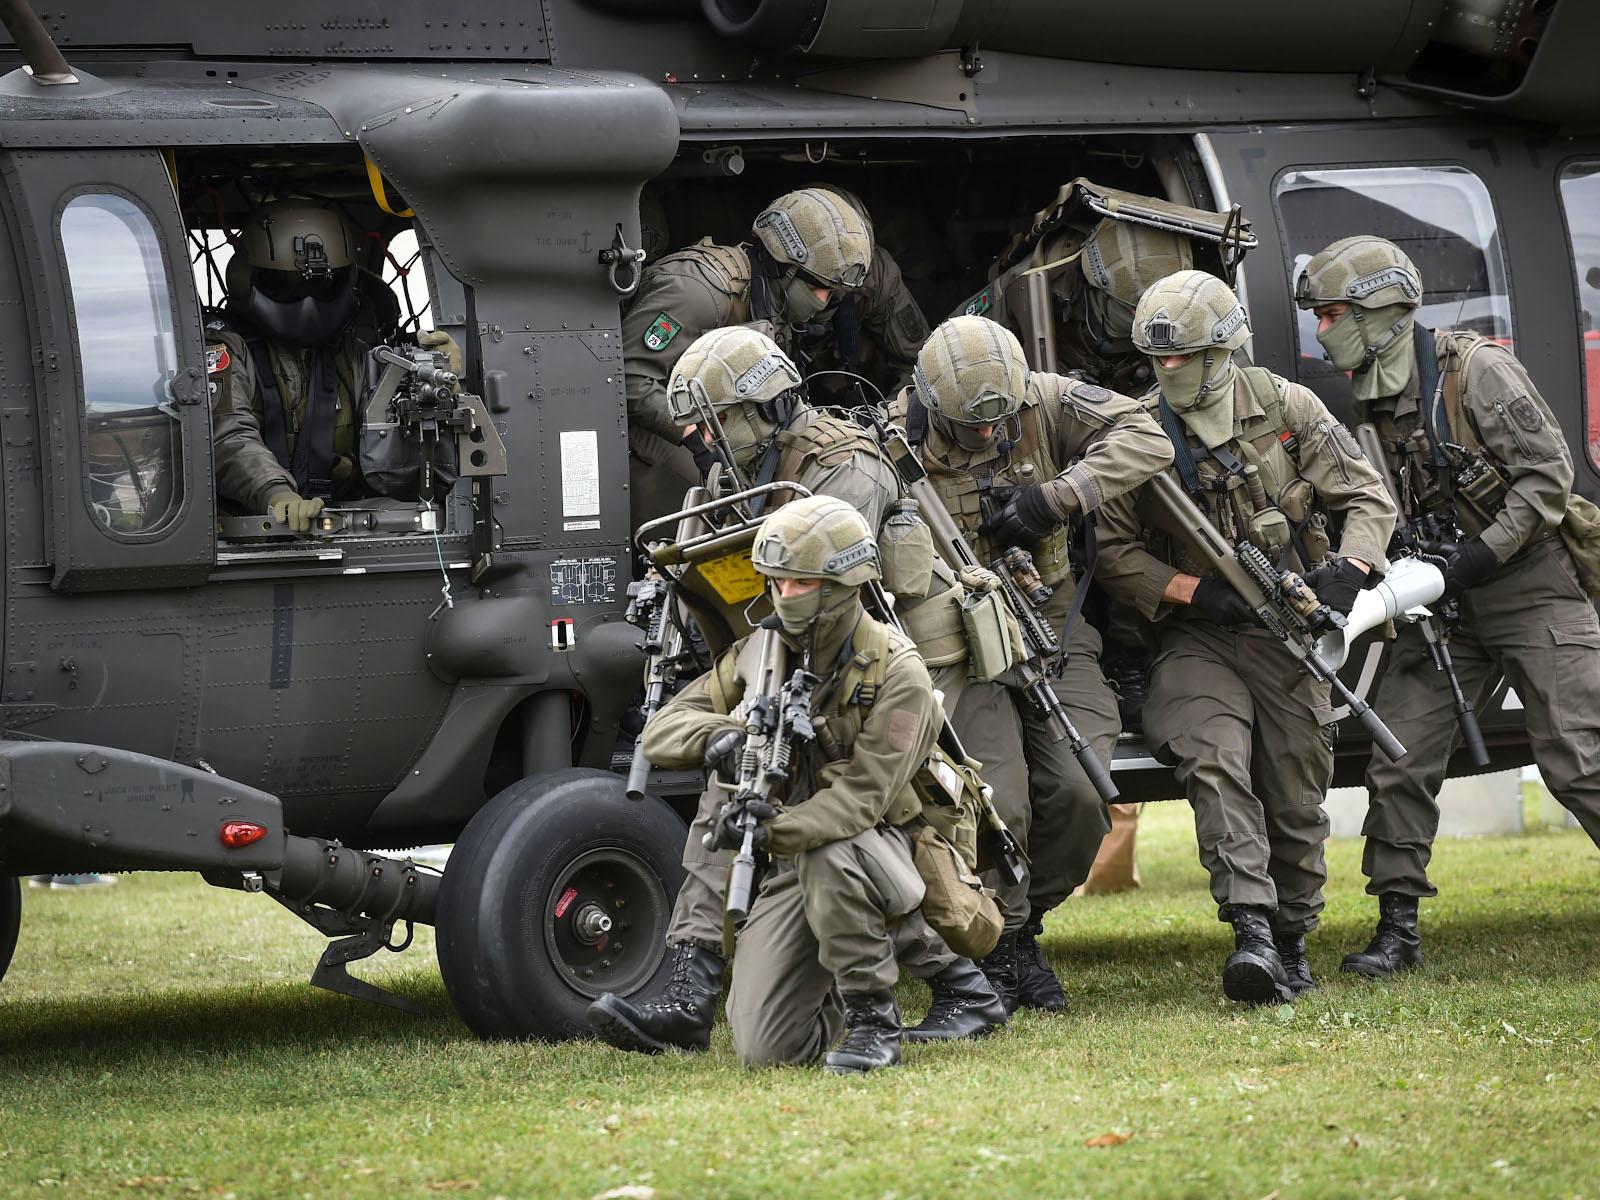 Österreichs Luftlandebataillon, das Jägerbataillon 25 bei der Gefechtsvorführung © Bundesheer